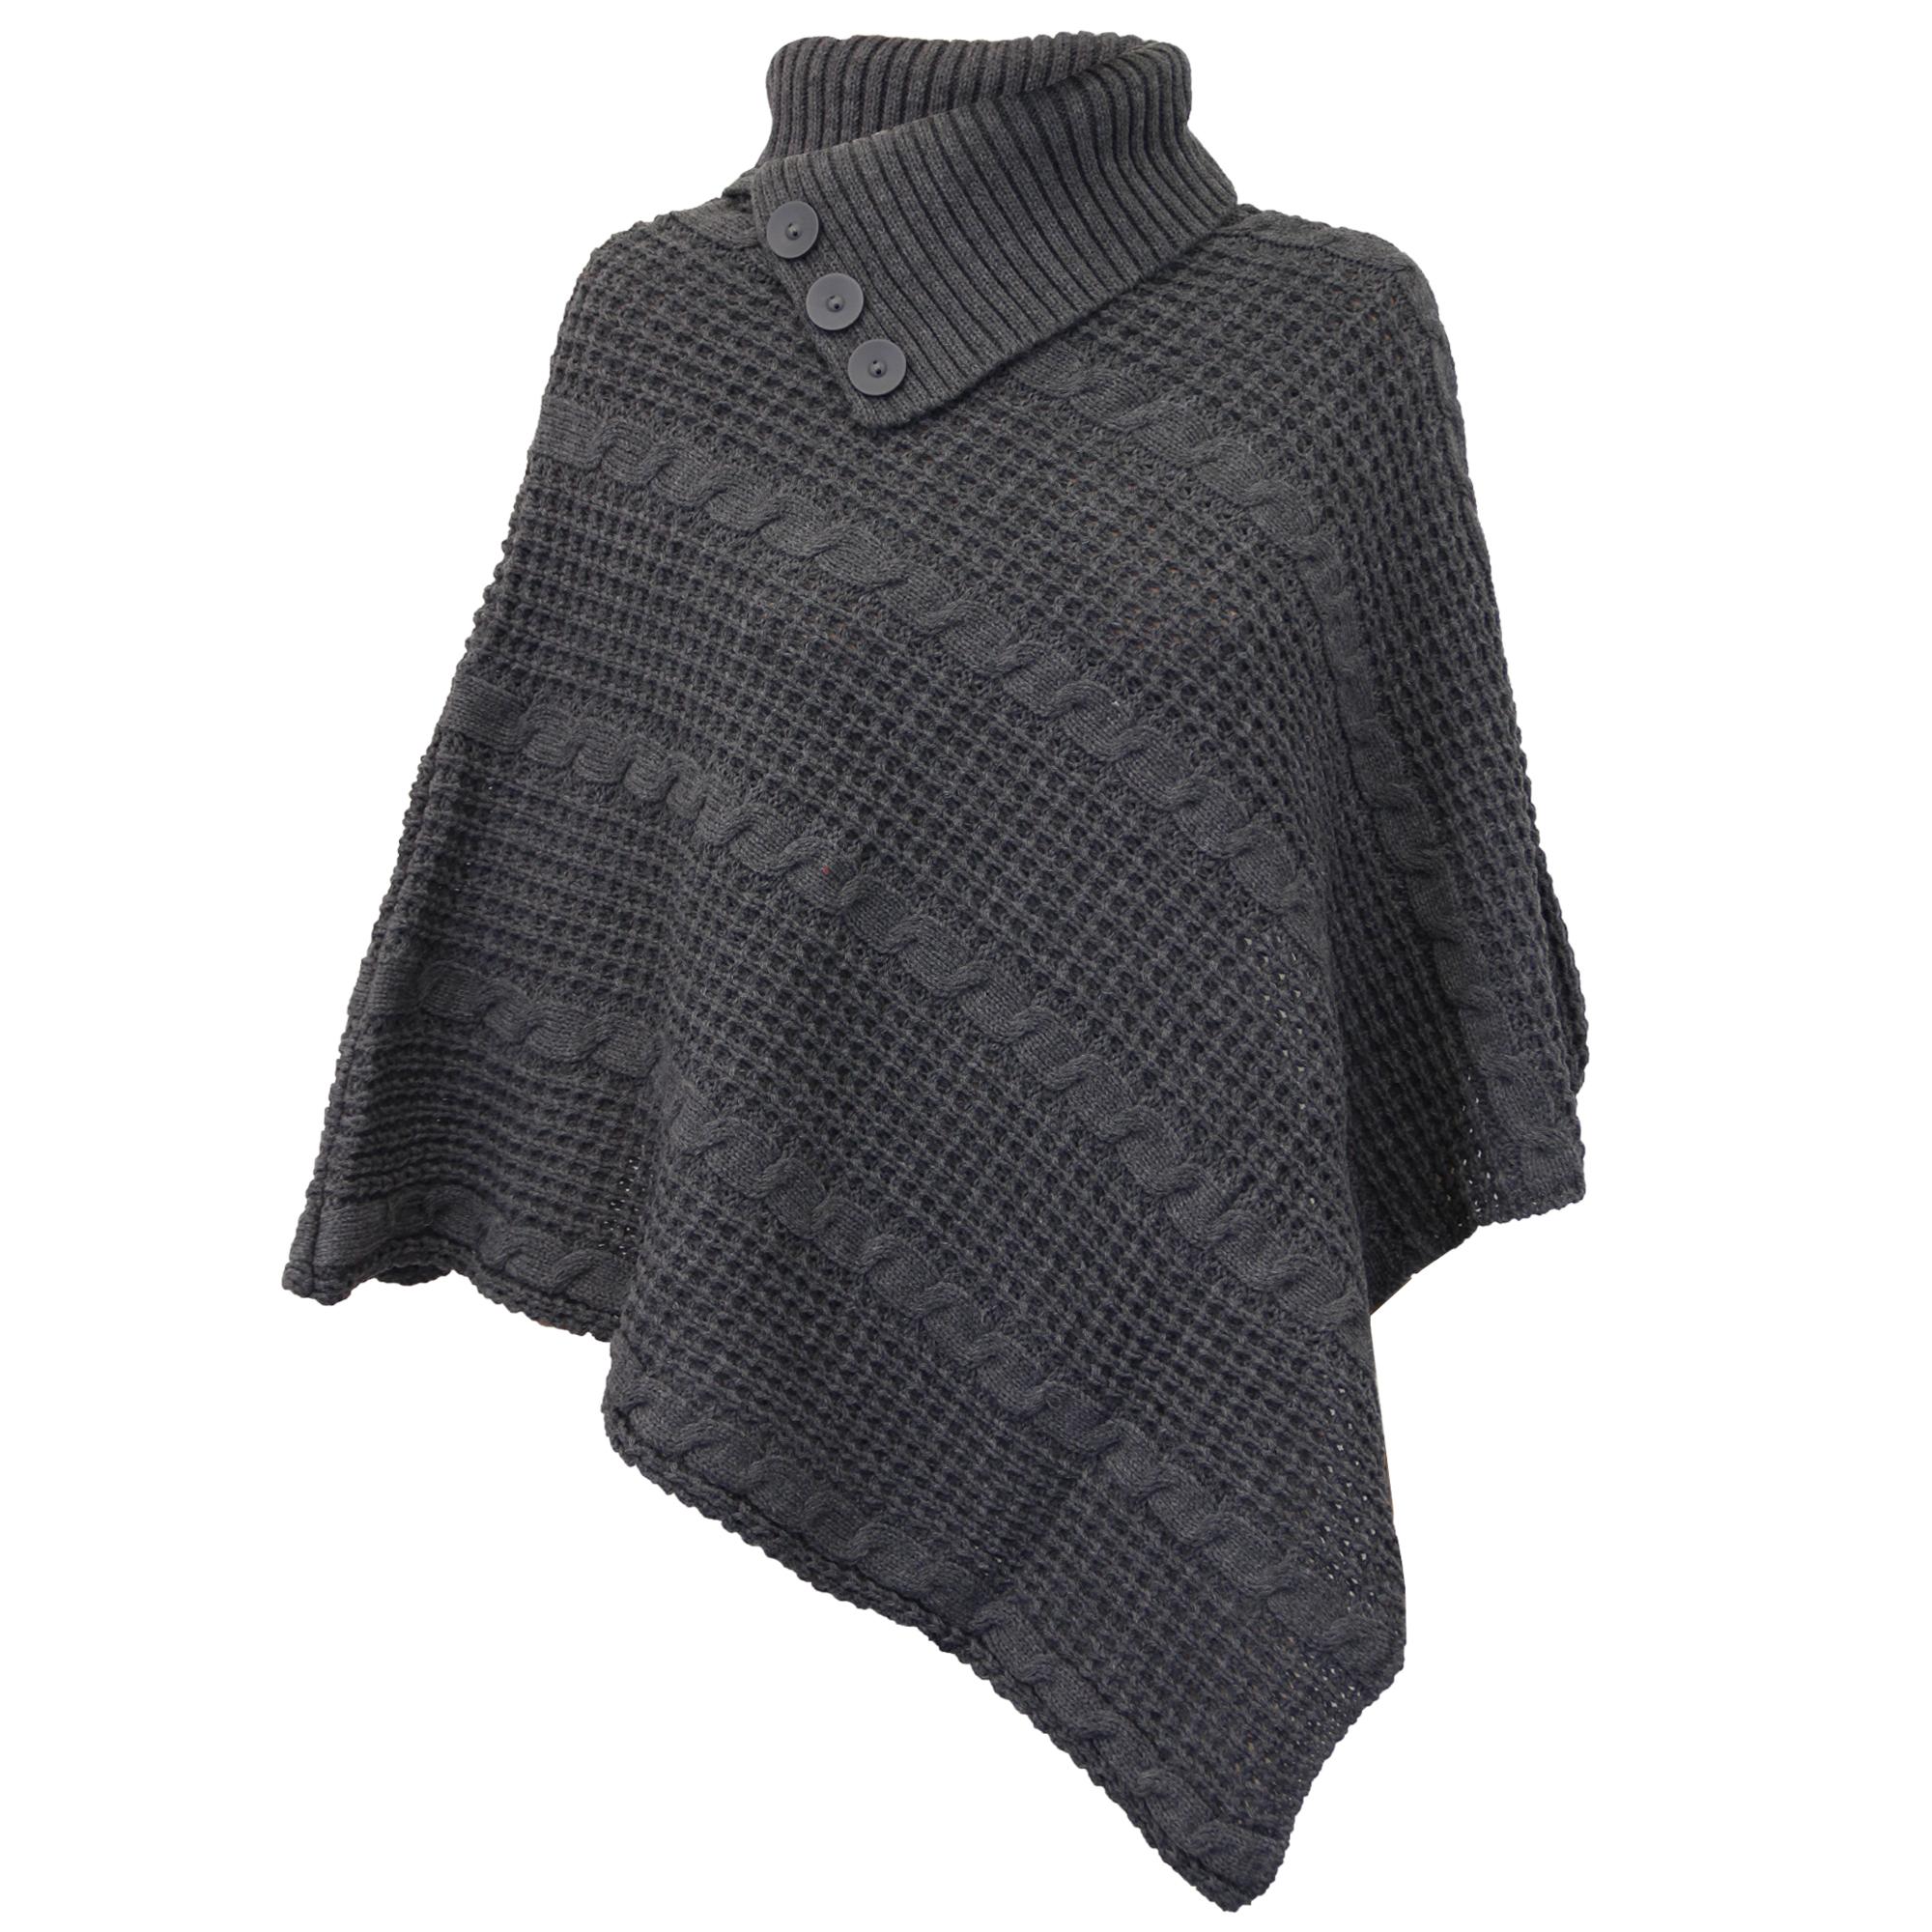 damen poncho pulli damen gestrickt umhang pullover top. Black Bedroom Furniture Sets. Home Design Ideas